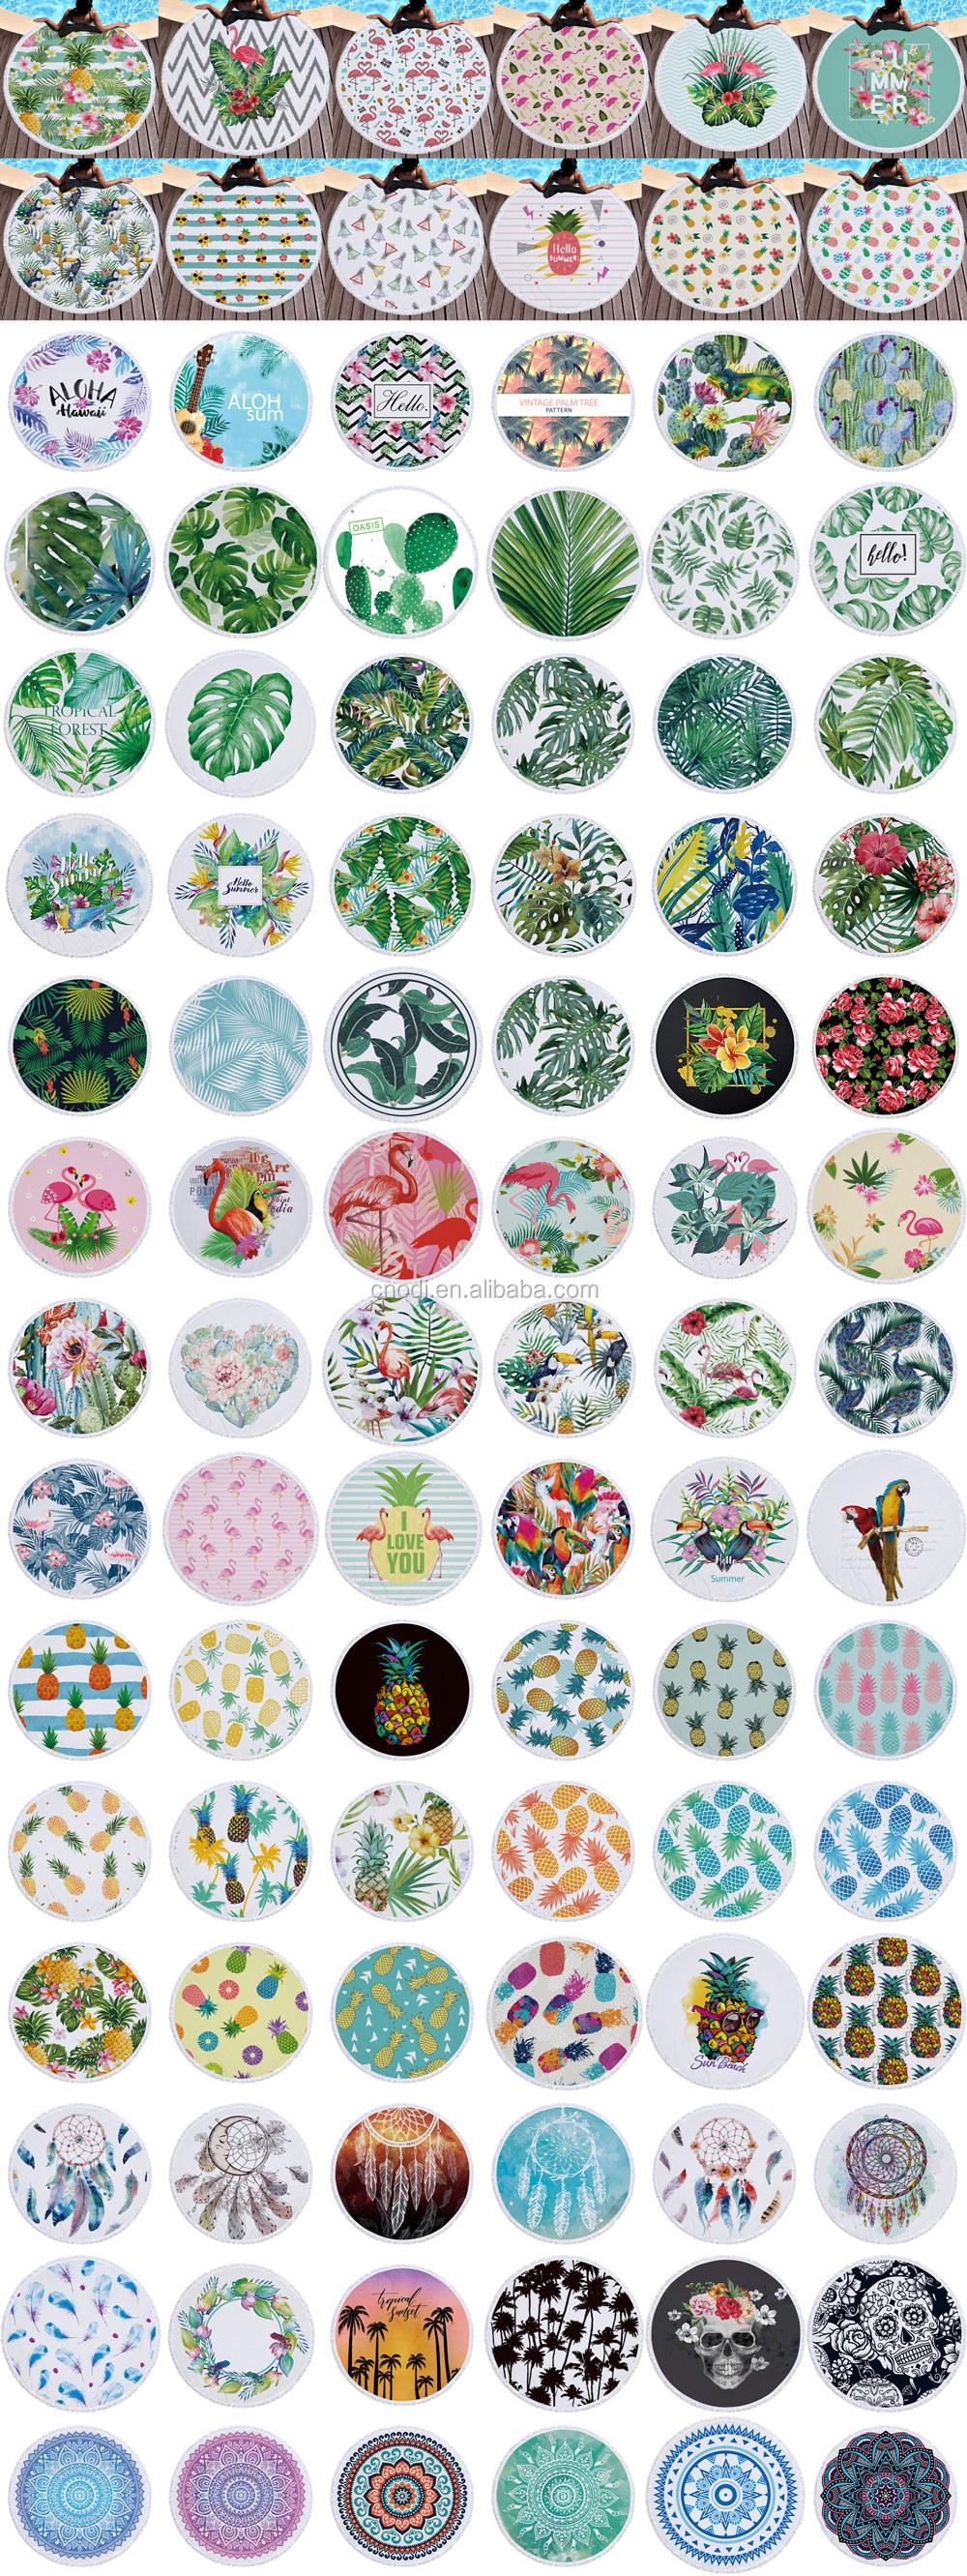 Nouveau design personnalisé microfibre cercle impression ronde serviette de plage